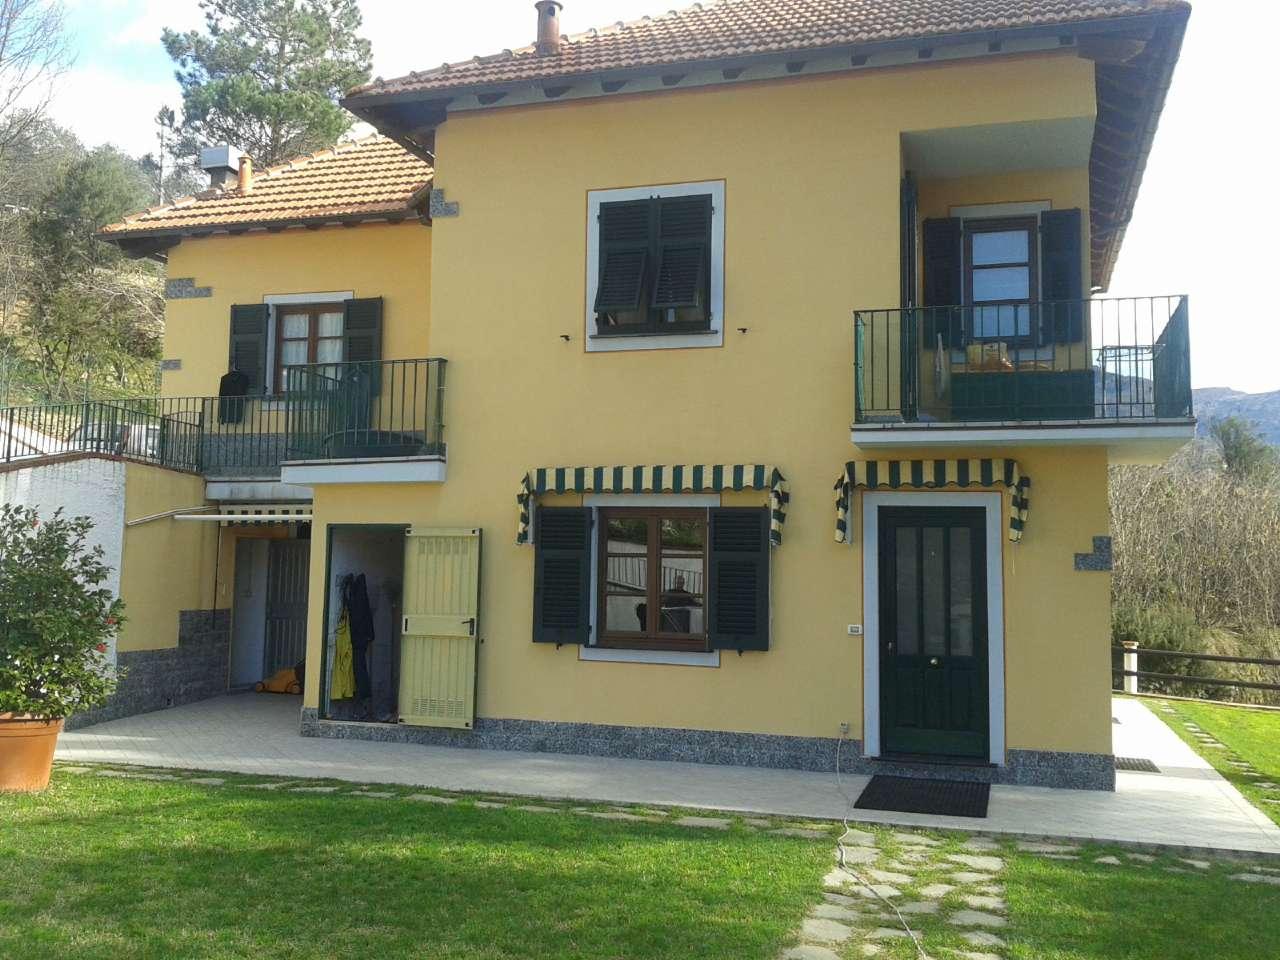 Appartamento in vendita a Mezzanego, 4 locali, prezzo € 169.000   Cambio Casa.it